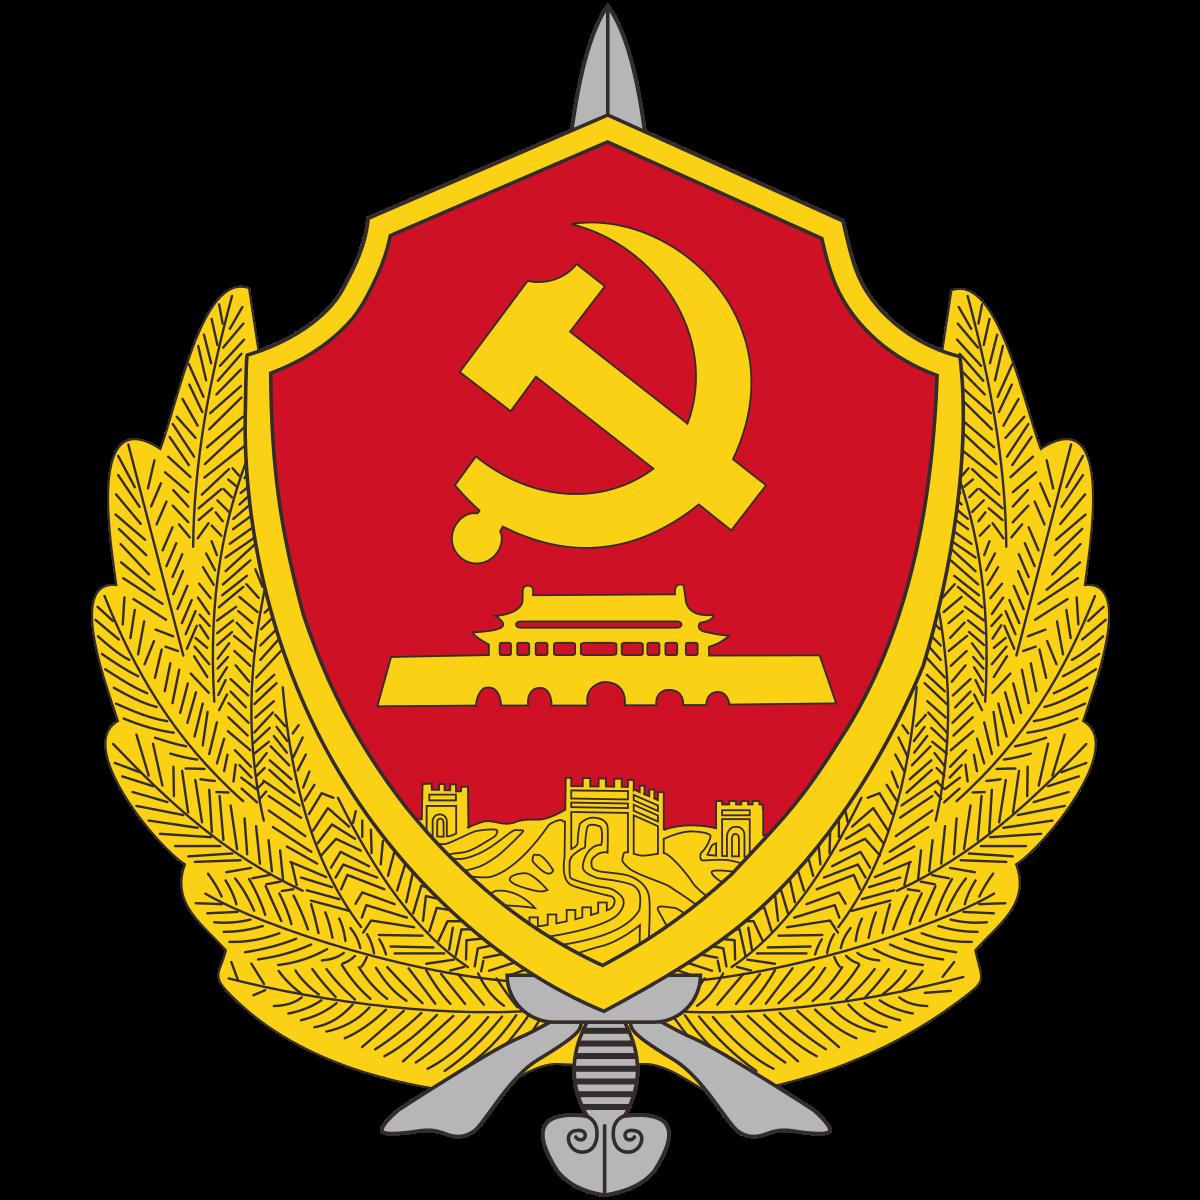 """Щит и меч социализма с """"китайской спецификой""""."""